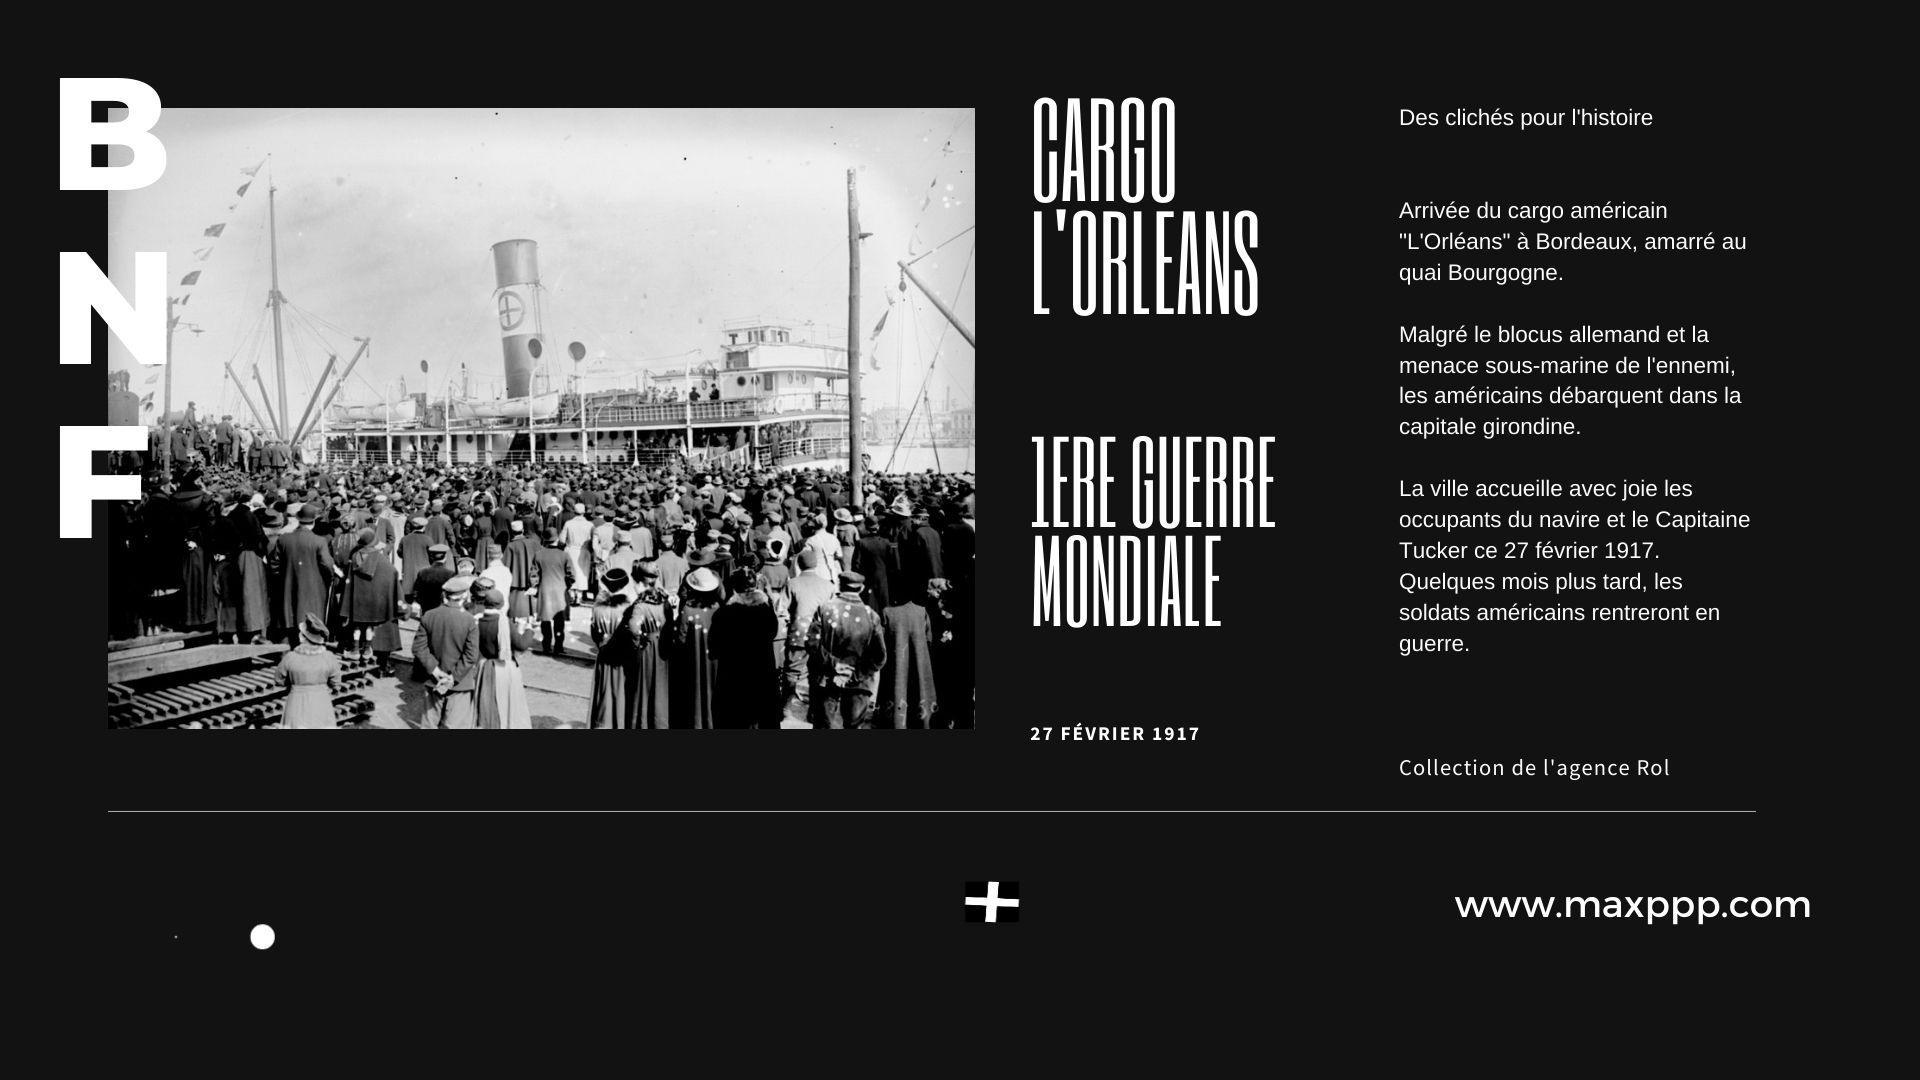 Le cargo Orléans arrive à Bordeaux